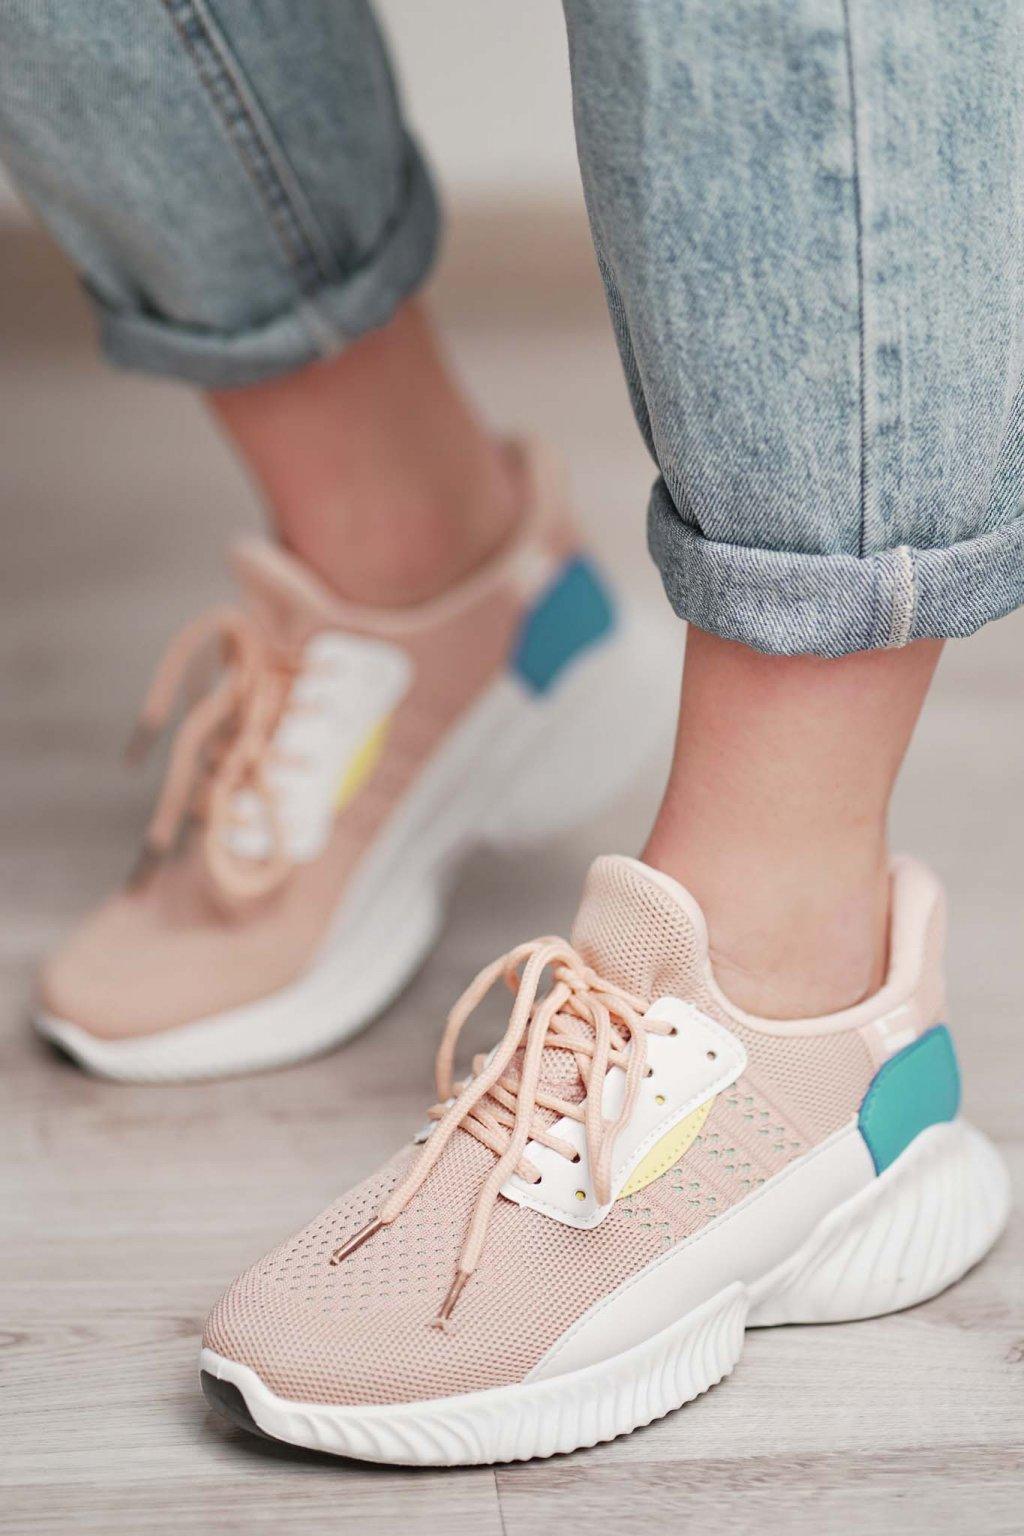 topánky, obuv, tenisky, botasky, lodičky, čižmy, šľapky, sandálky 430